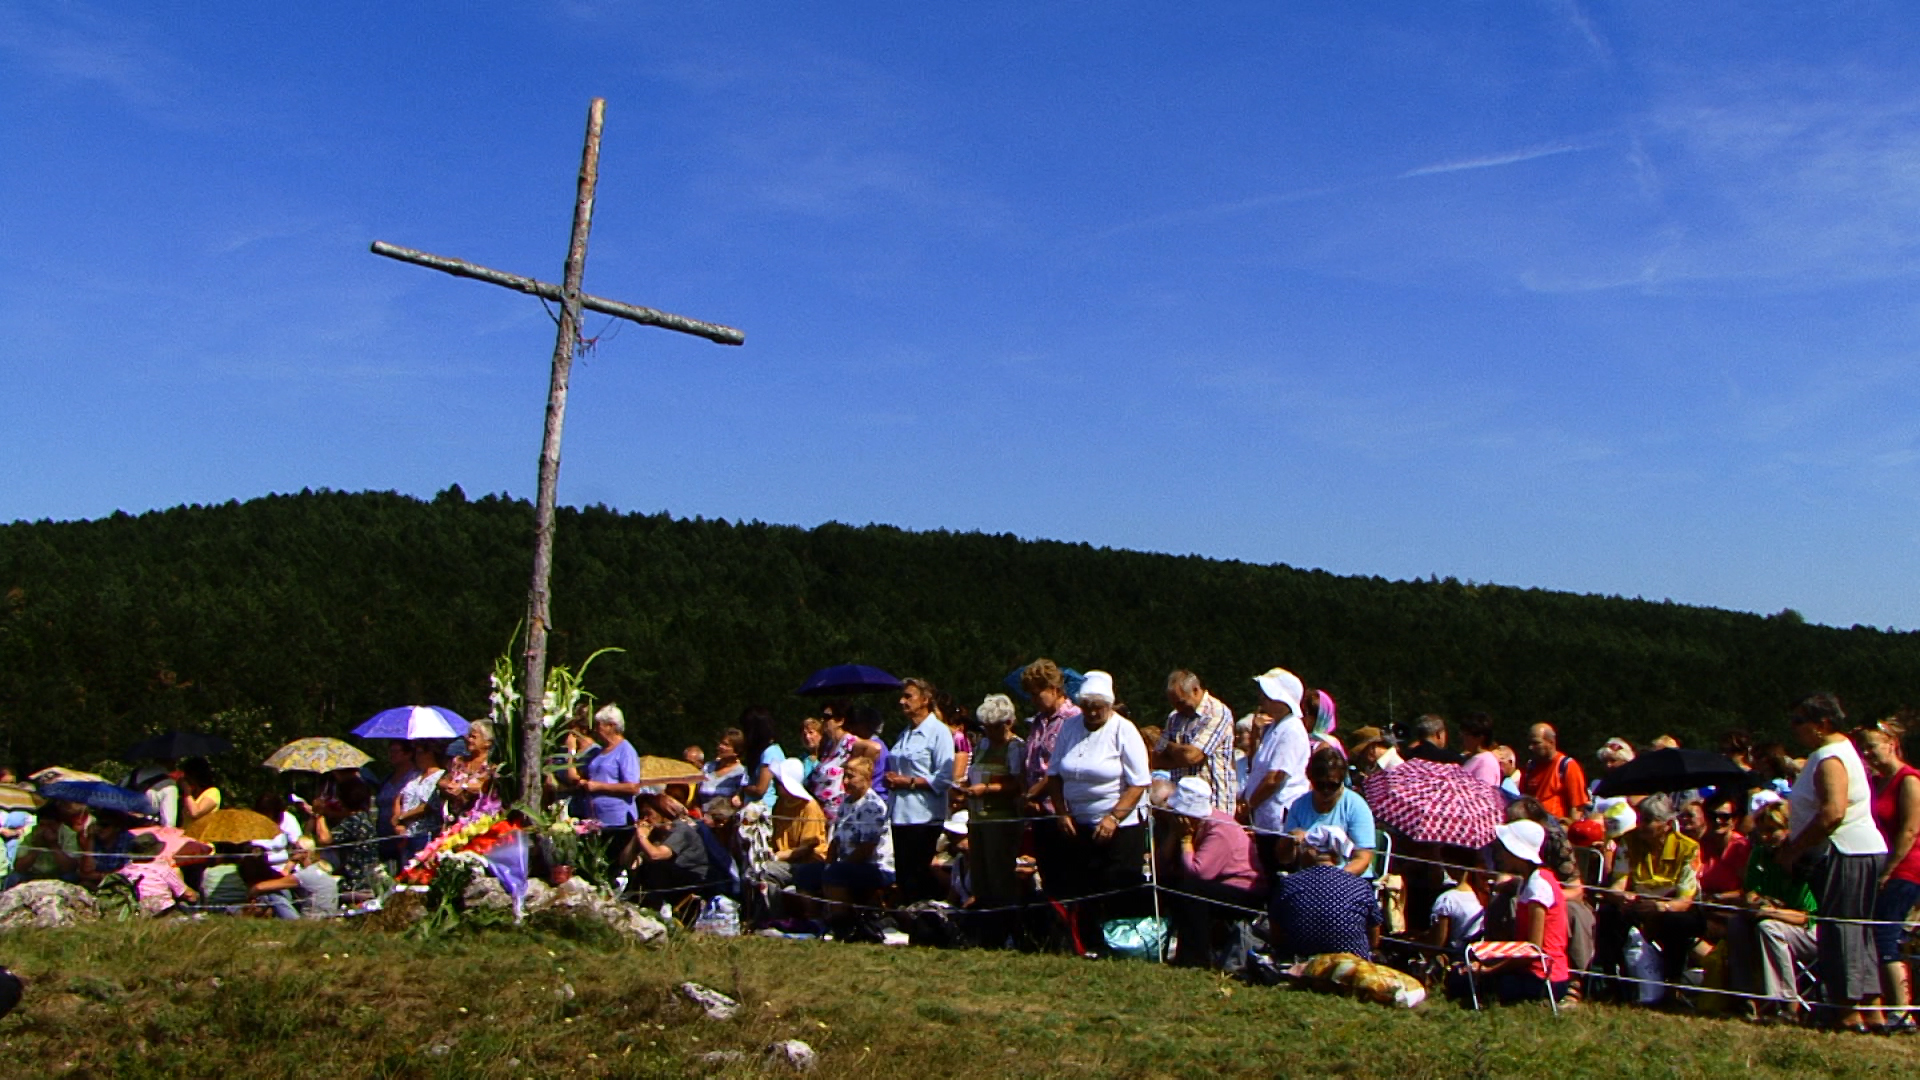 http://www.magnificat.sk/wp-content/uploads/2012/08/DECHTICE-foto-70.jpg